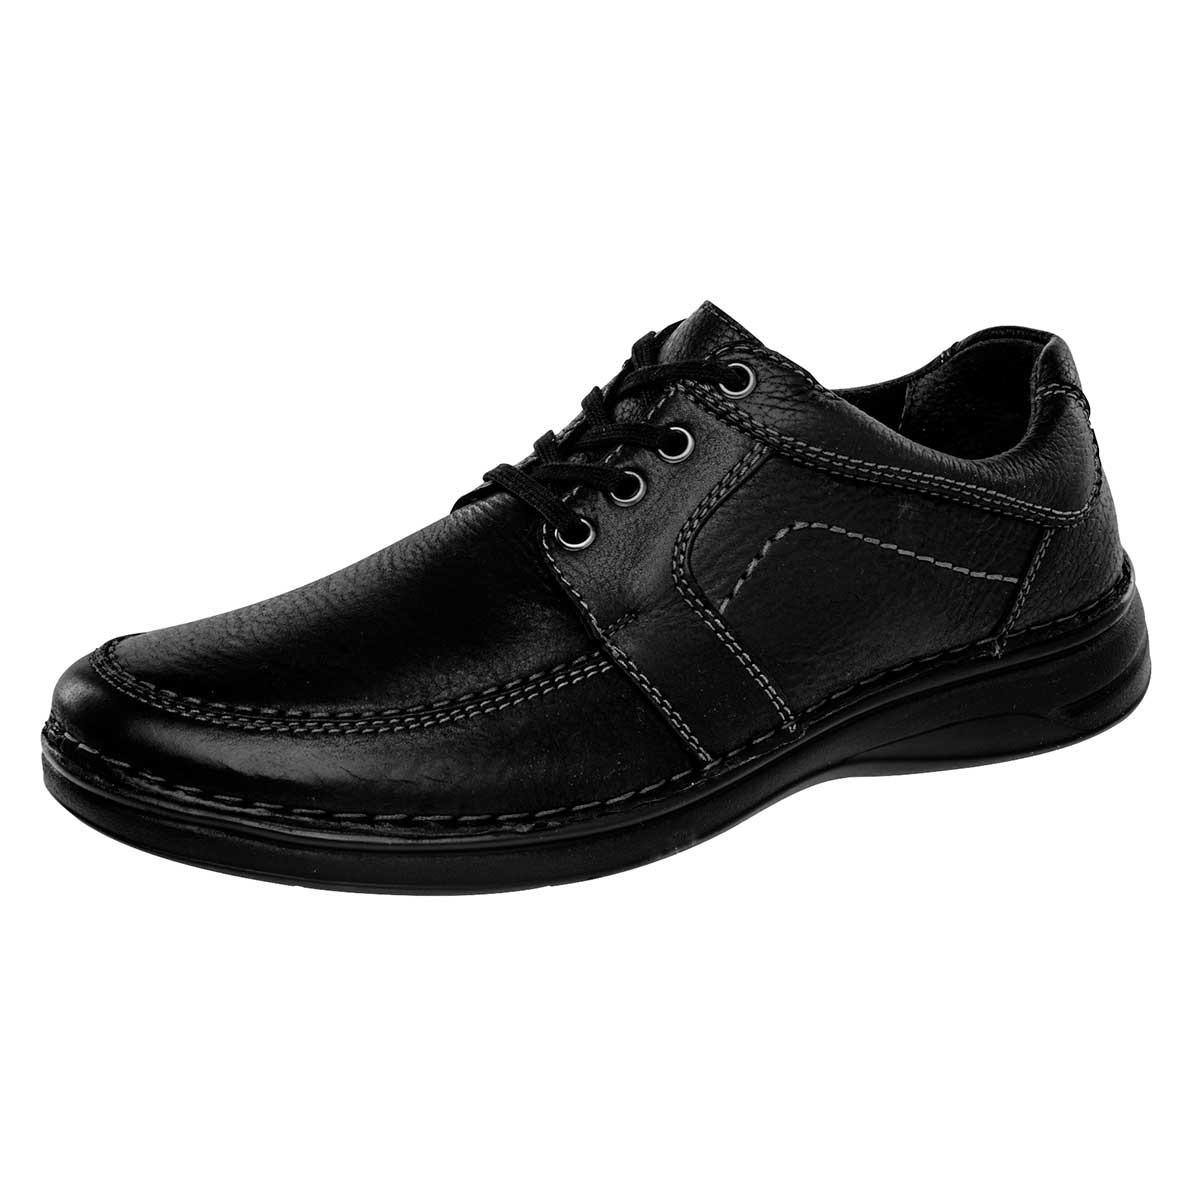 zapato casual para caballero marca flexi negro 67301 dgt. Cargando zoom. 94087662e3ee